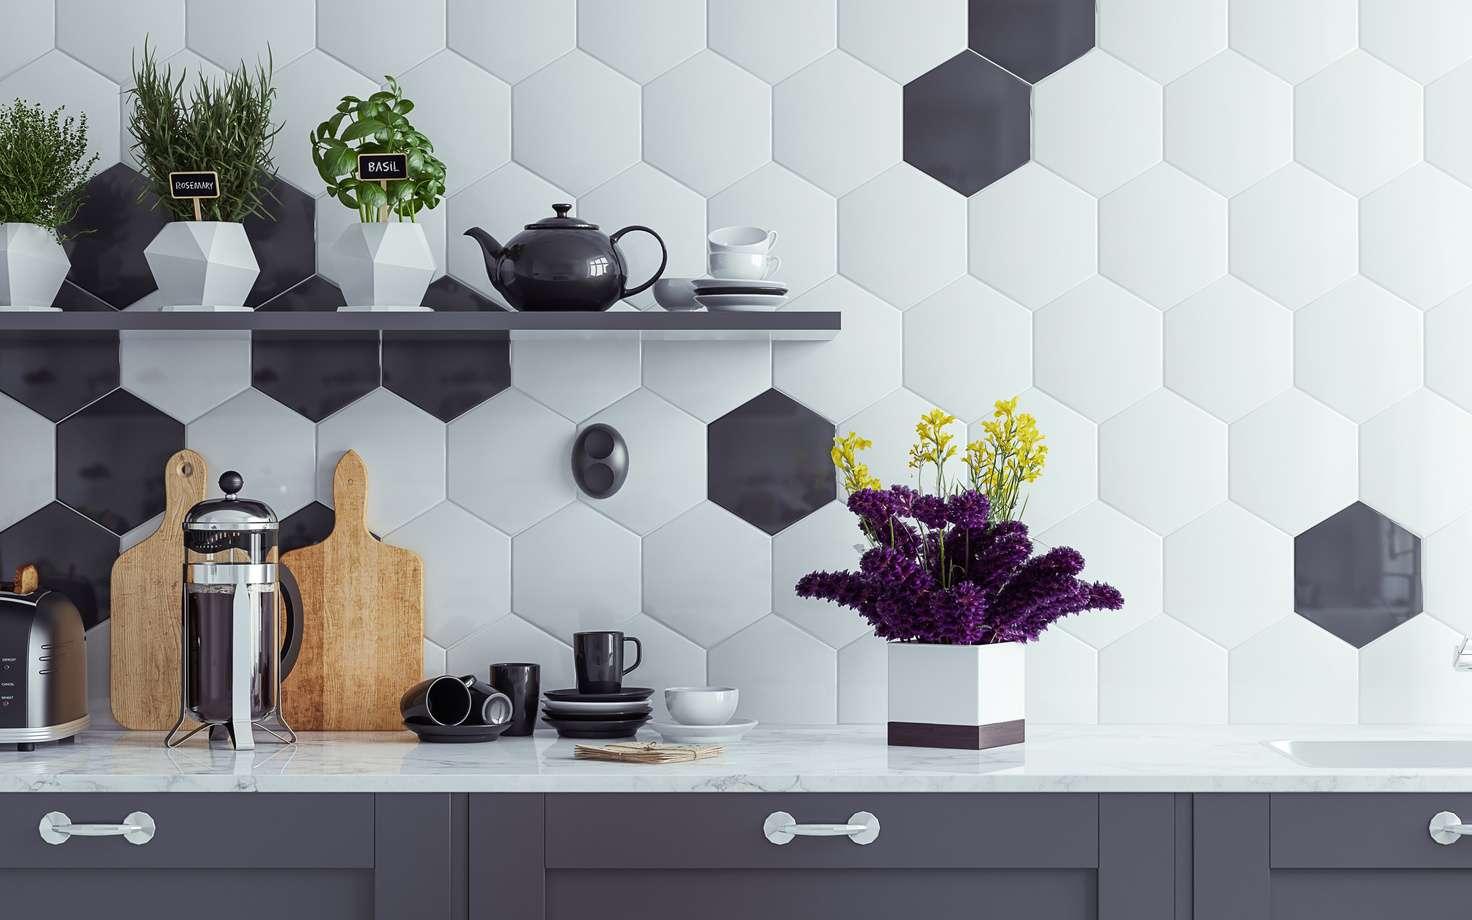 Il est aujourd'hui très simple de personnaliser sa cuisine avec des carreaux de faïence. © Artjafara, Fotolia